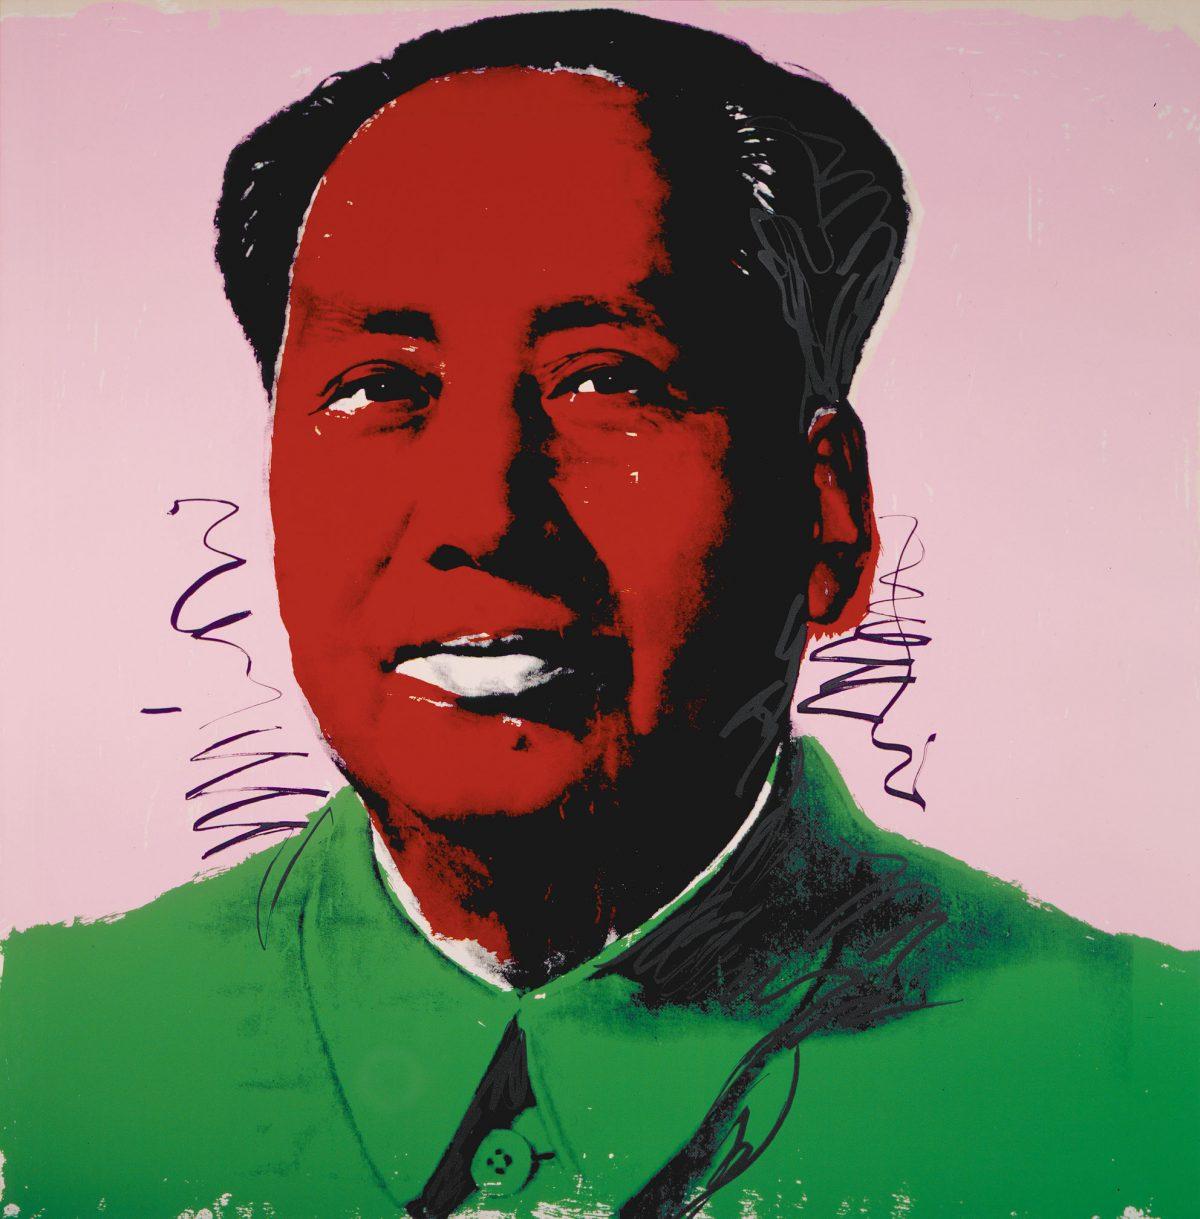 Mao Tsé-tung, 1972, Andy Warhol, 4 sérigraphies, 129/250 (2), 66/250 (2).